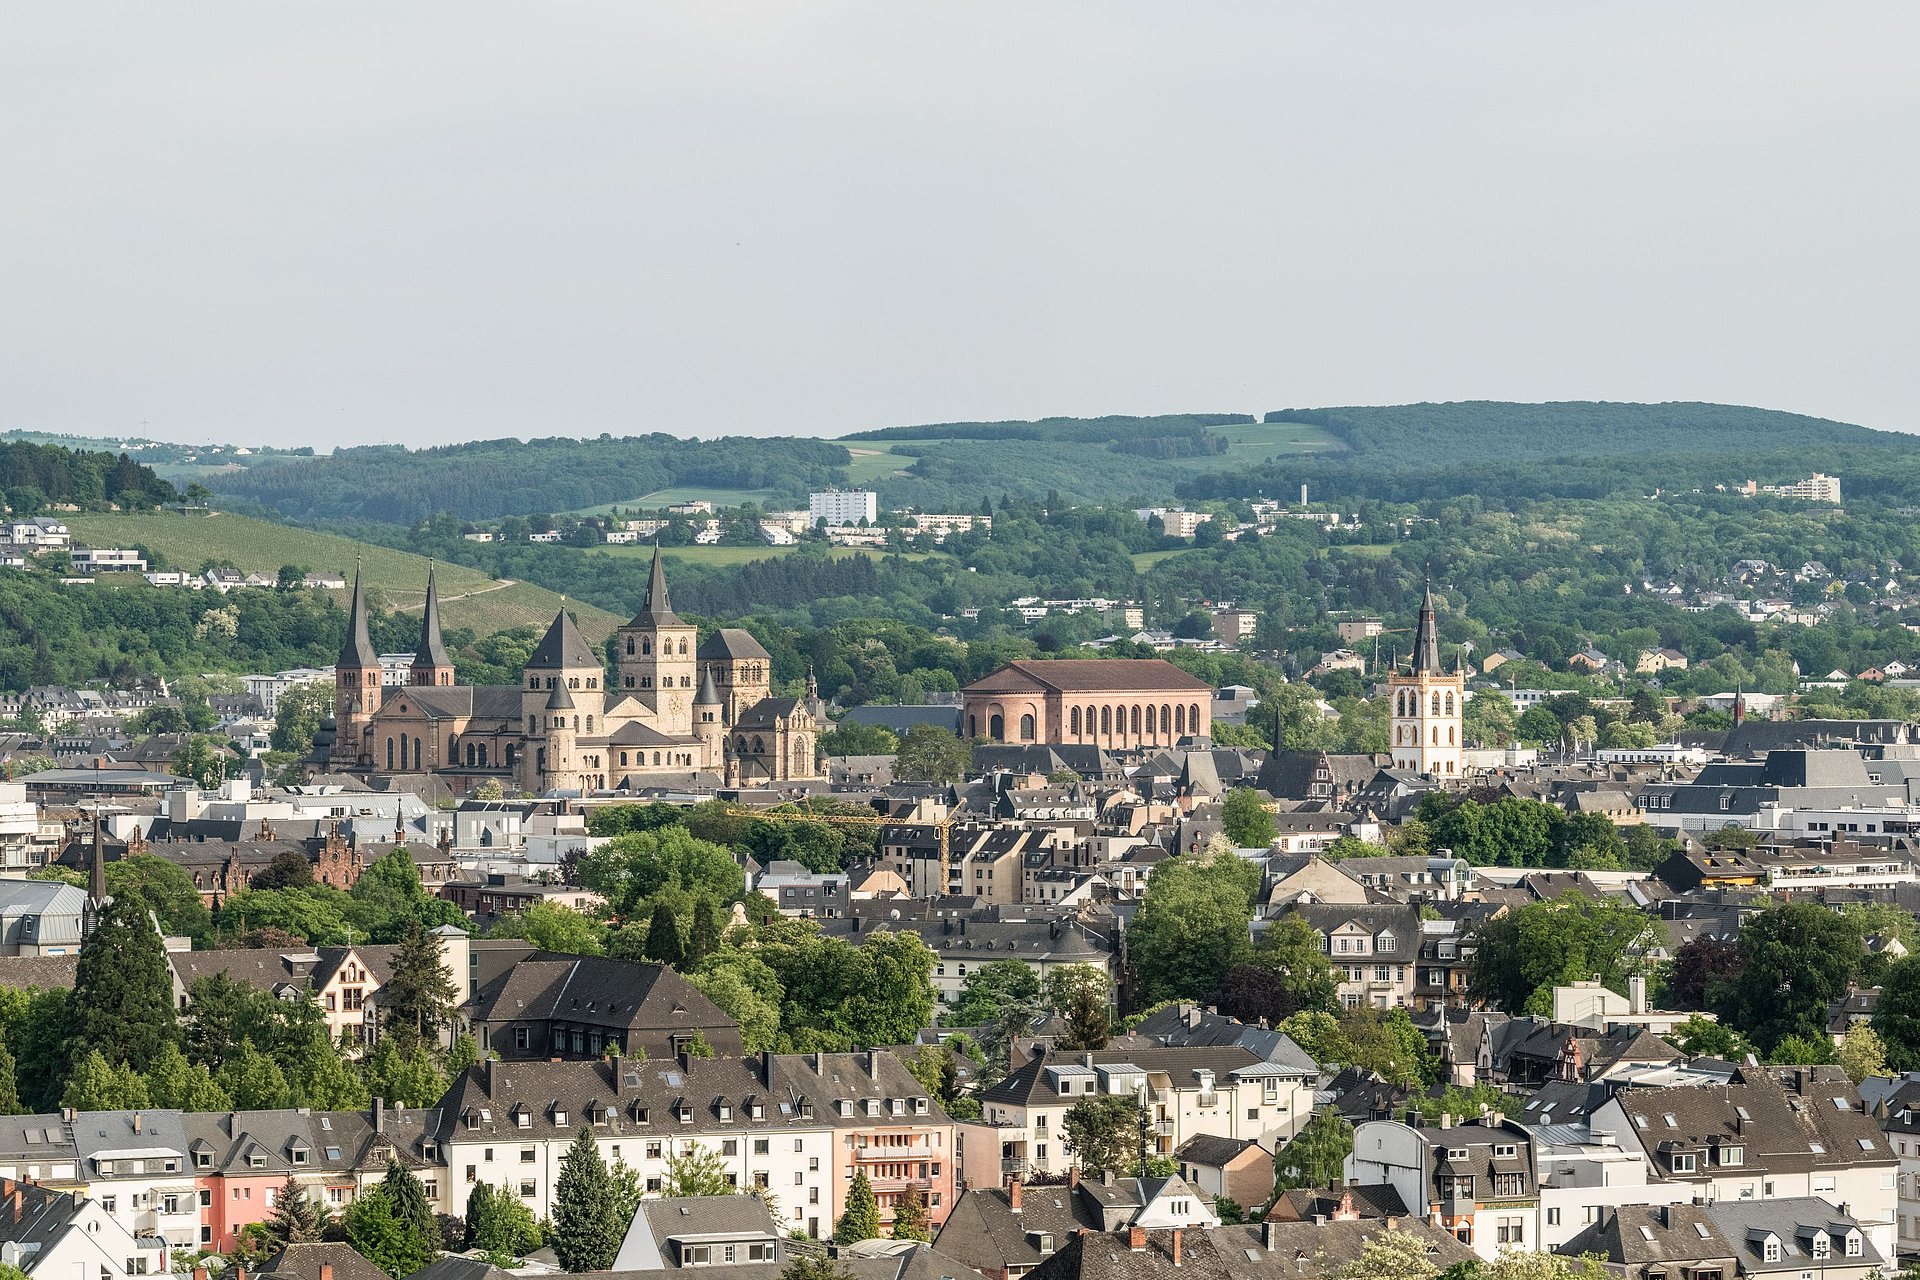 Gezicht op de stad Trier met de kathedraal van Trier, Moezel